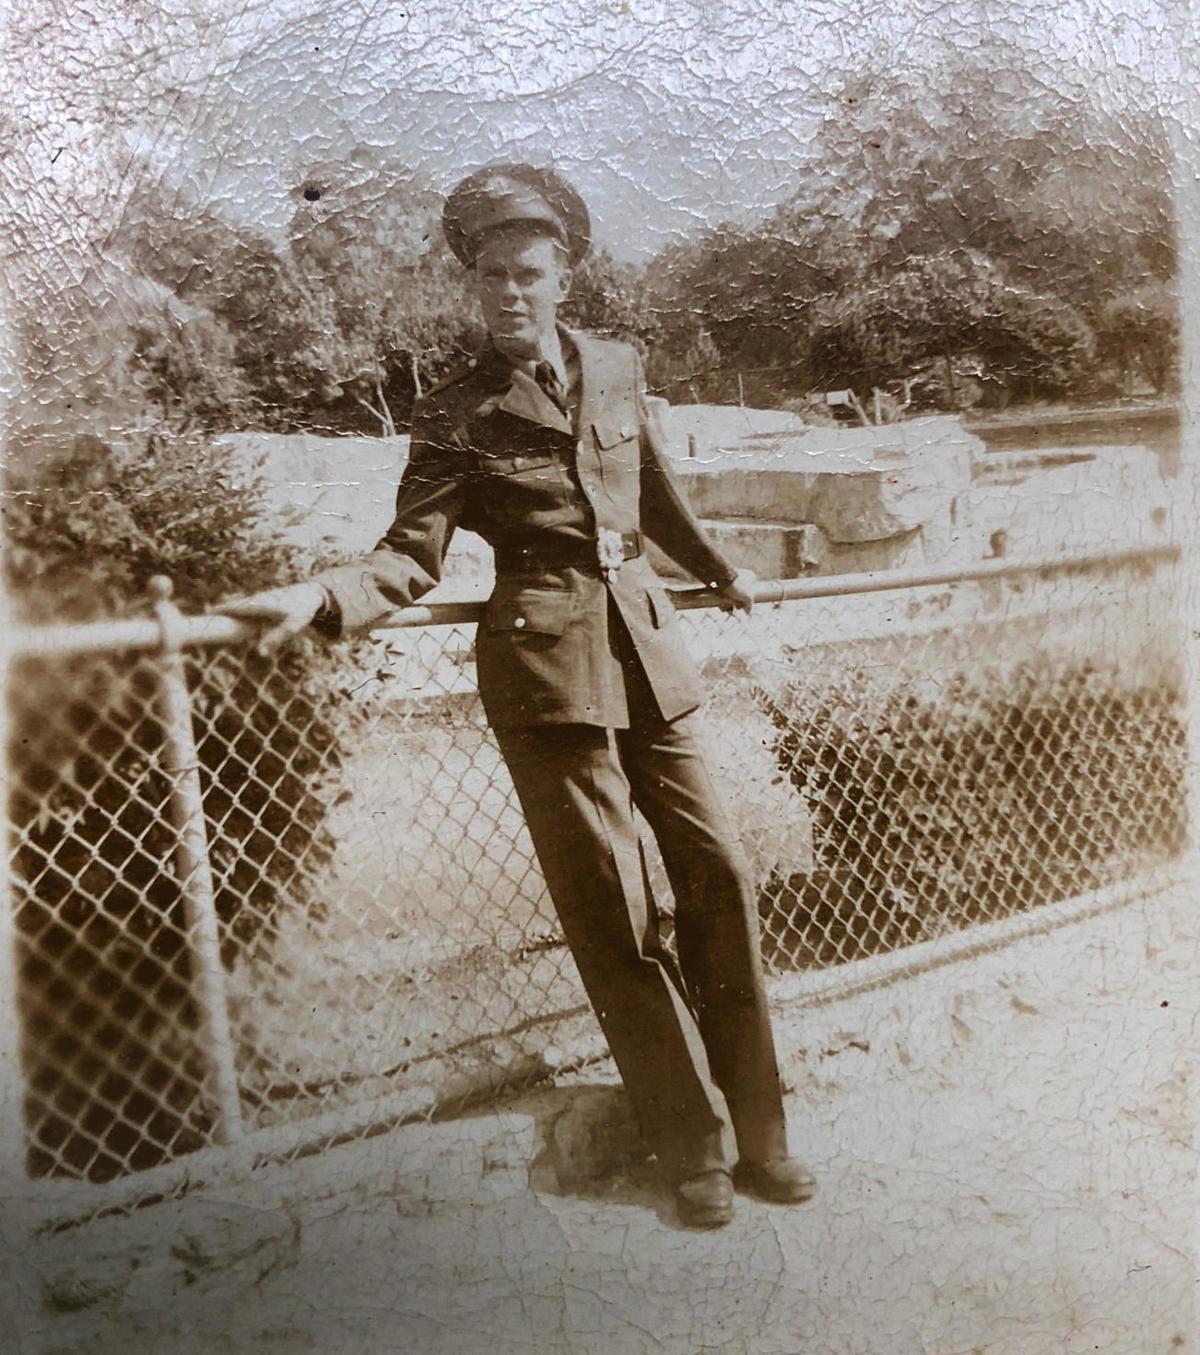 J.C. Blanton